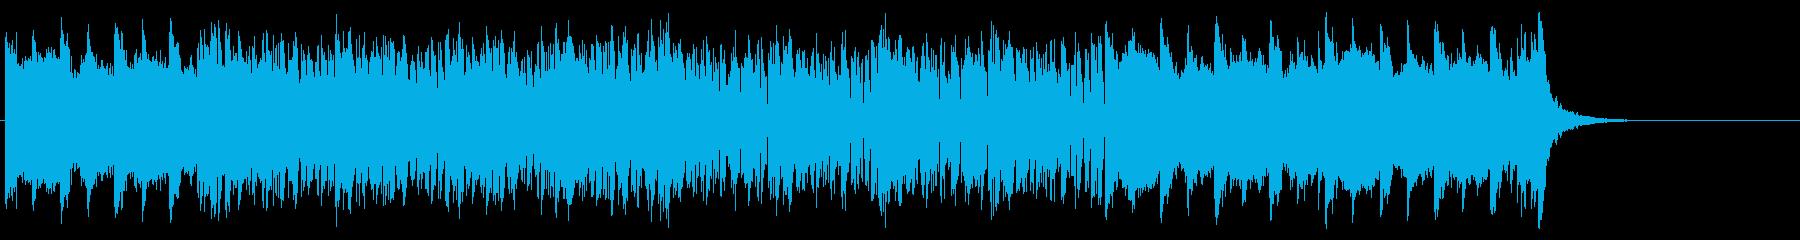 重厚で整然としたマイナーテクノポップの再生済みの波形